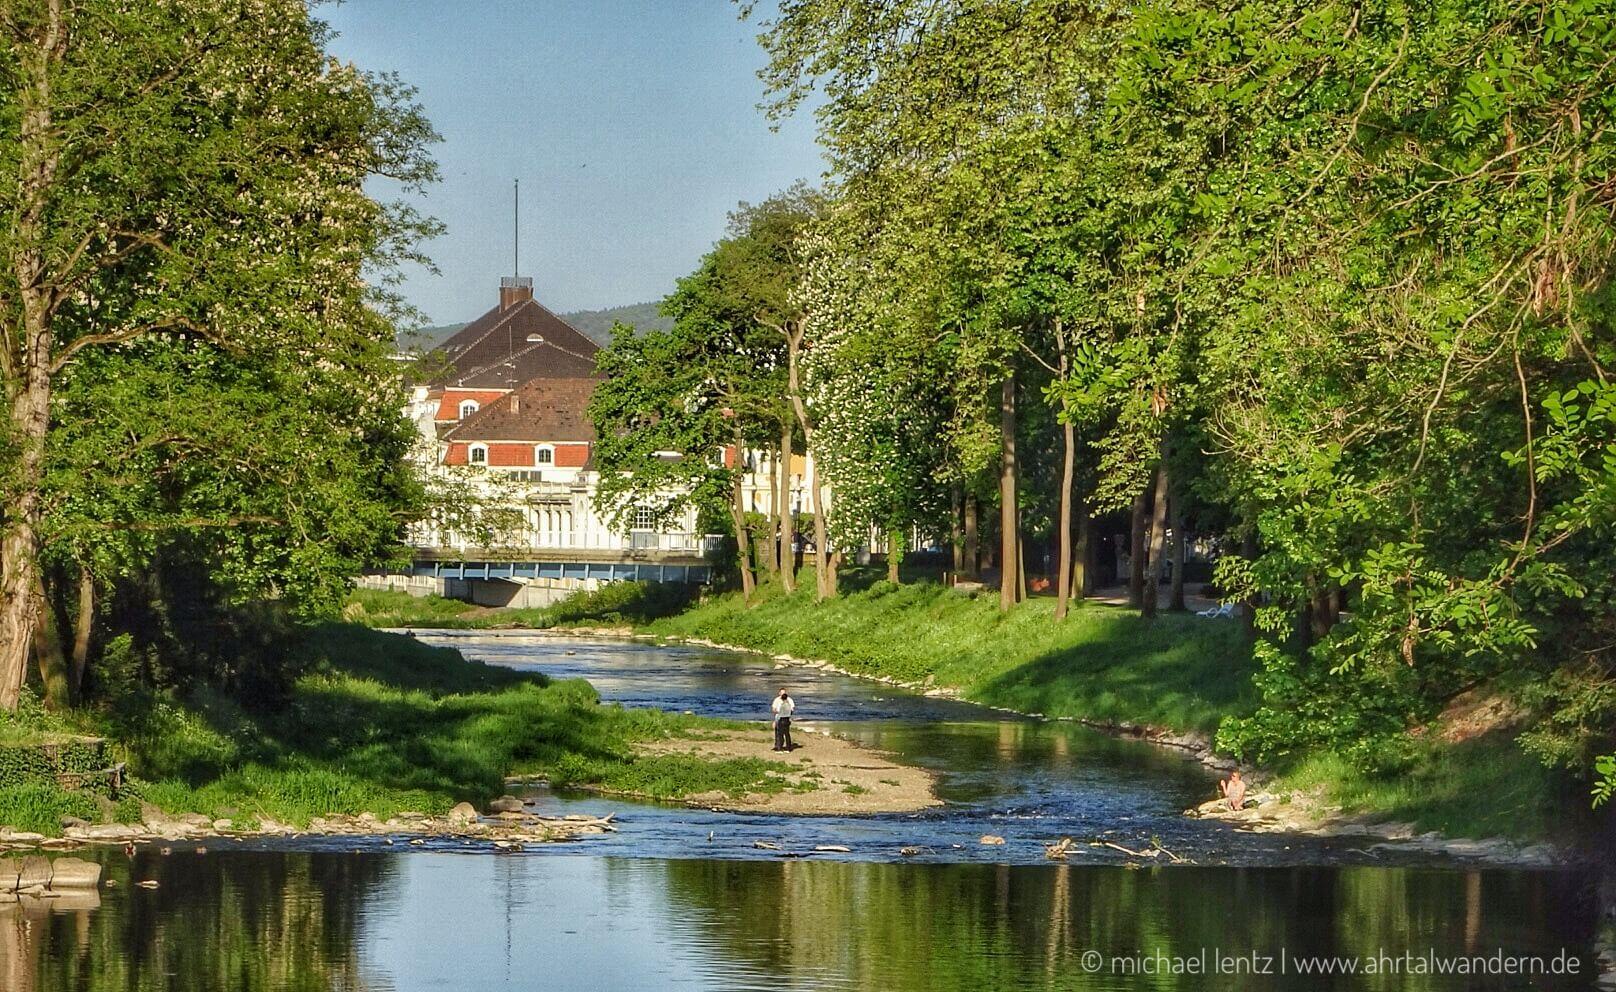 Der Kurpark und die Ahraallee in Bad Neuenahr zur Landesgartenschau 2022